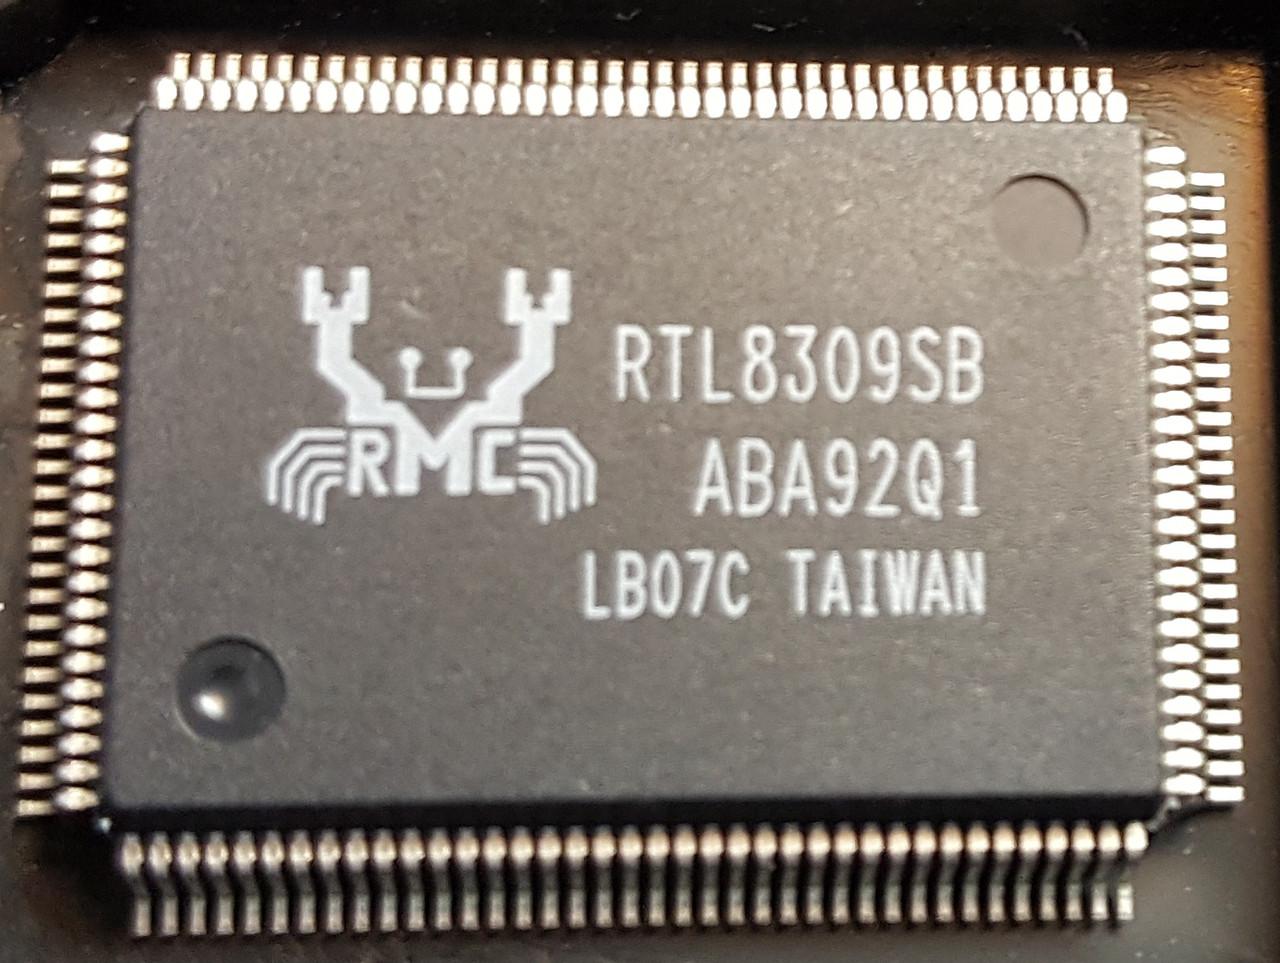 RTL8309SB